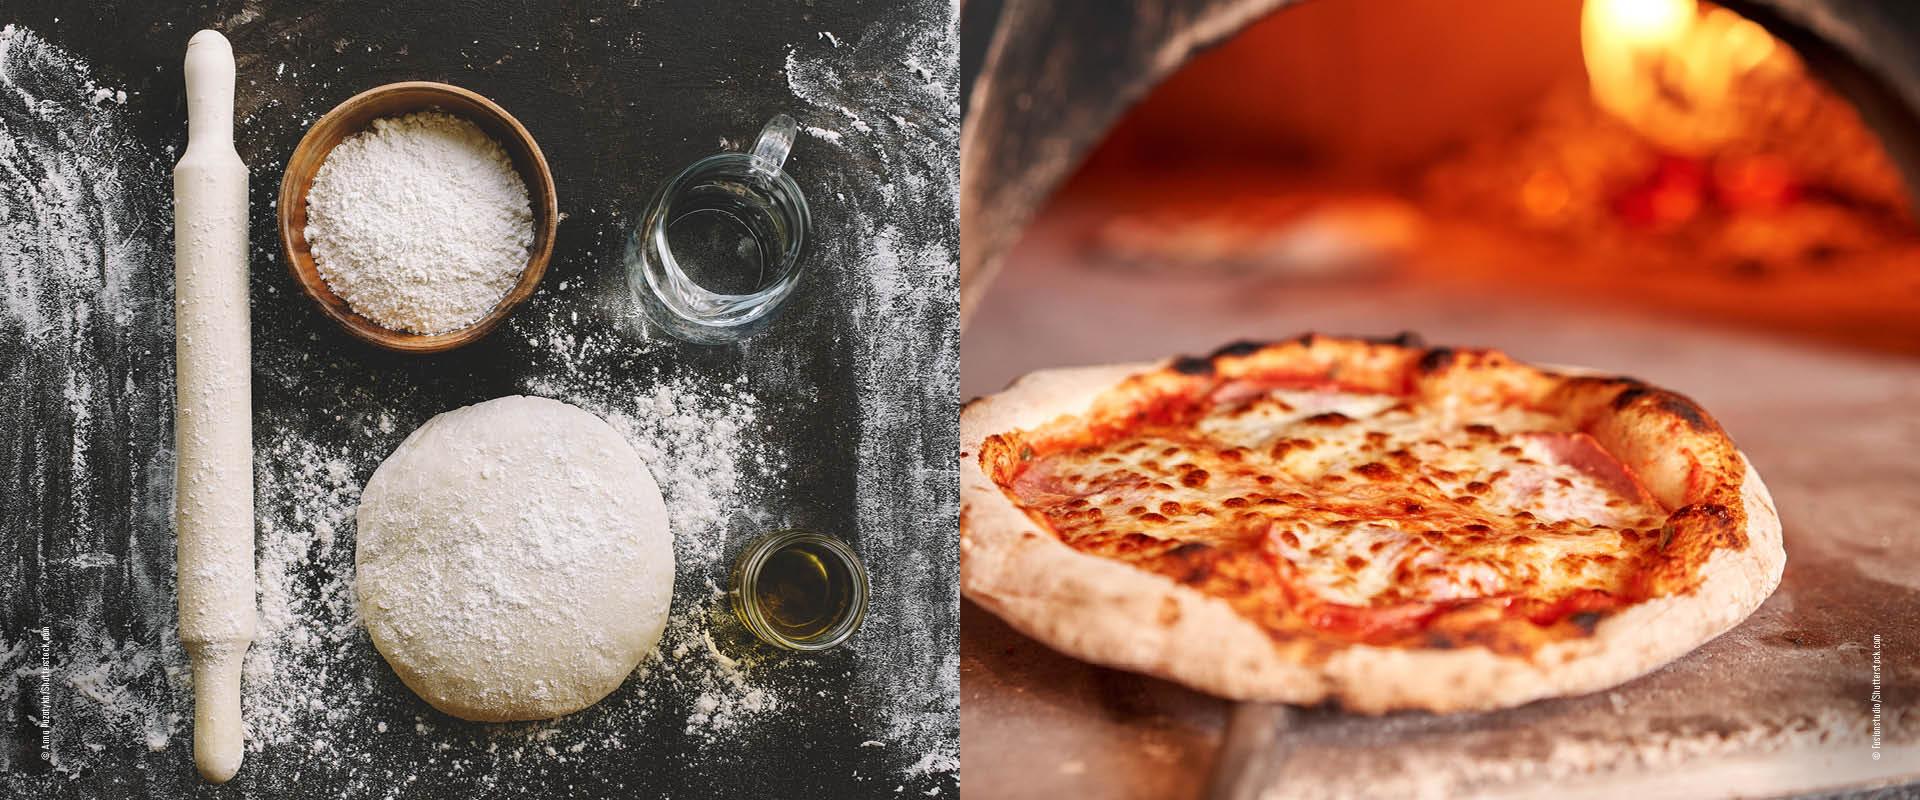 Zutaten für den Pizzateig